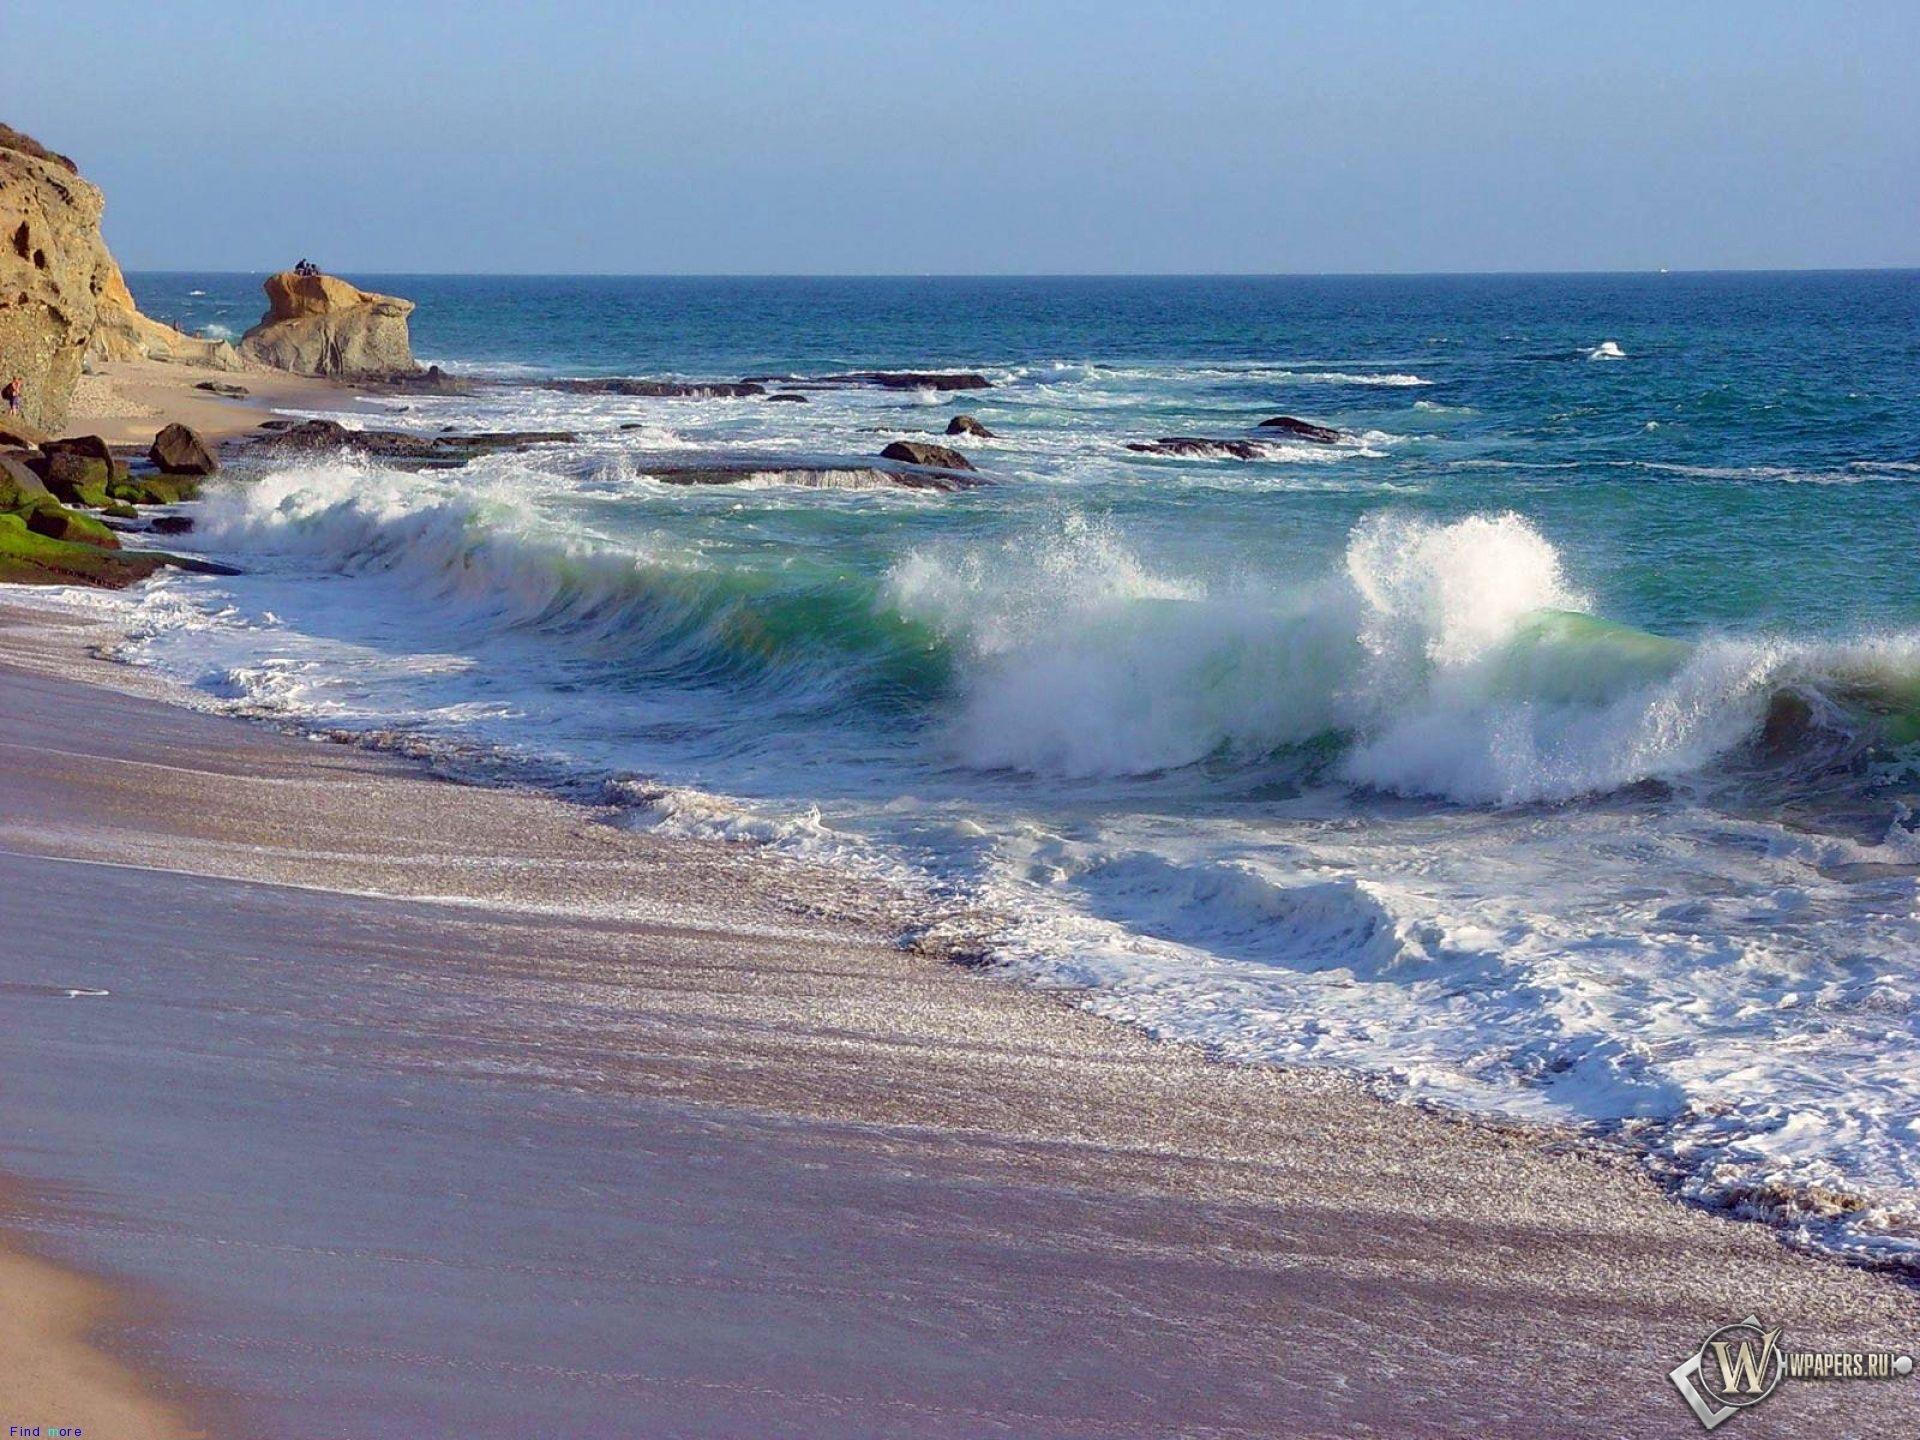 Обои, Морская волна, Вода, Море, Небо, 1920x1440, картинки ...